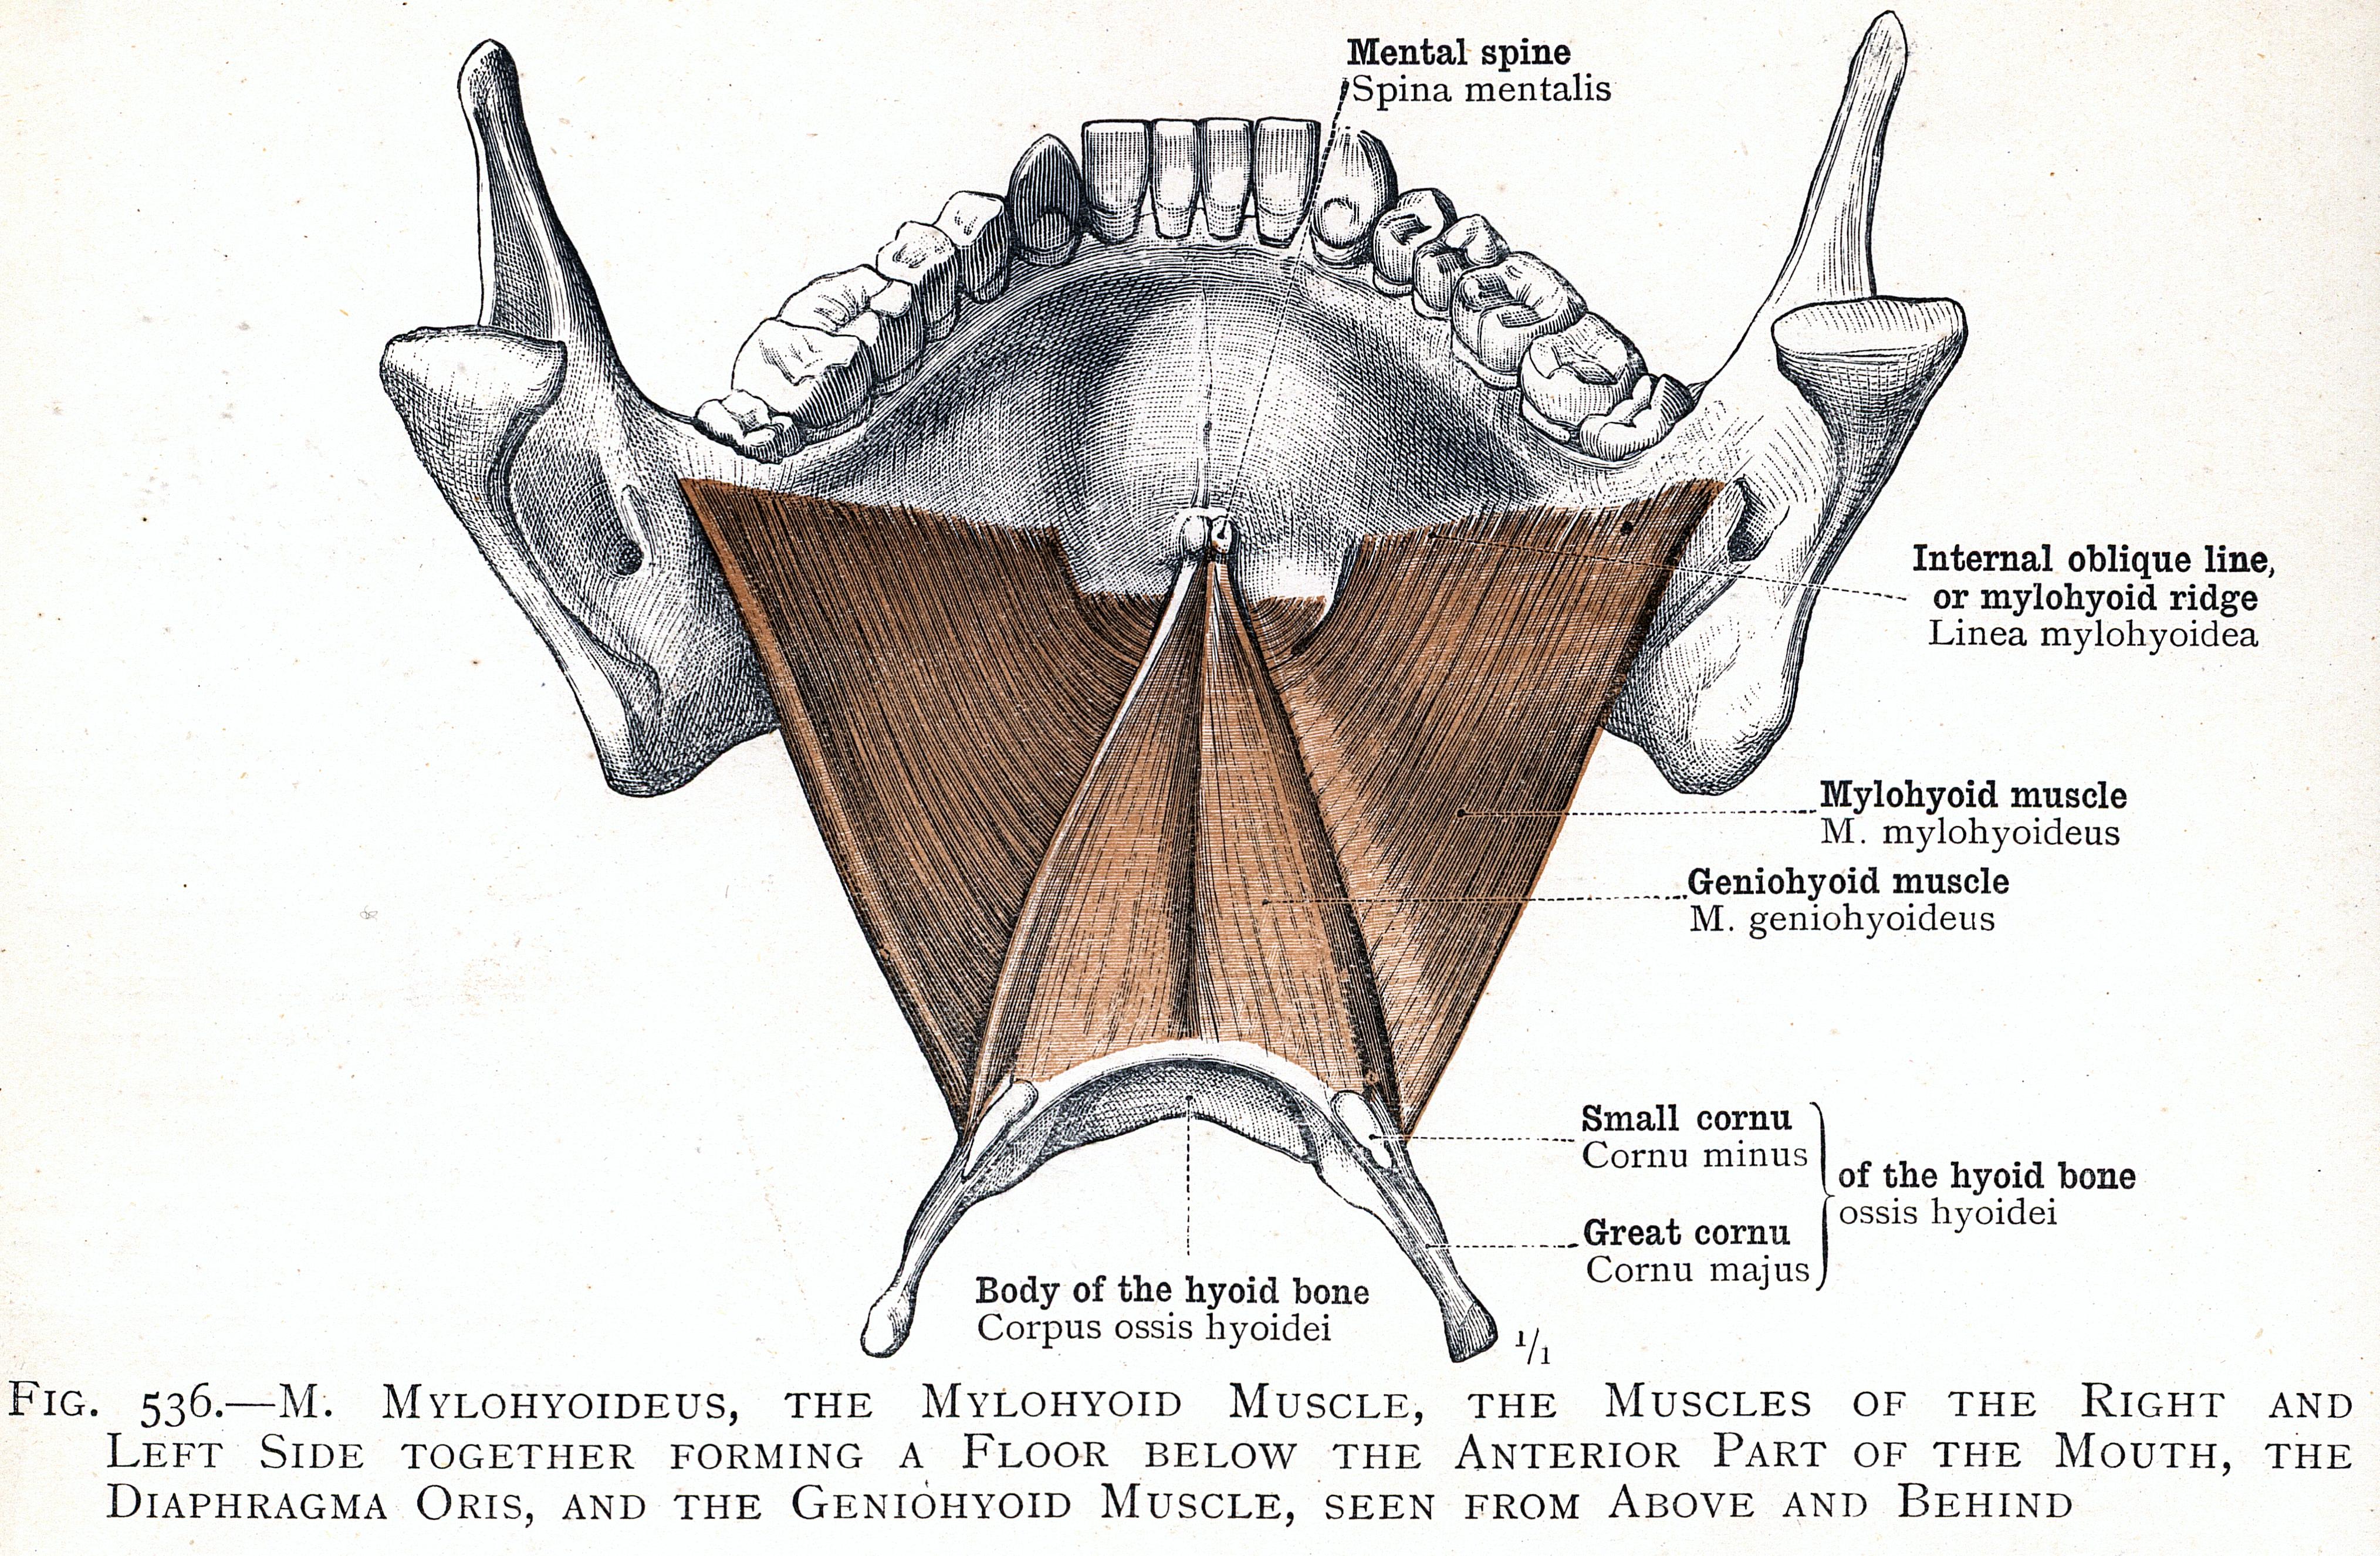 Mylohyoid muscle - Wikipedia